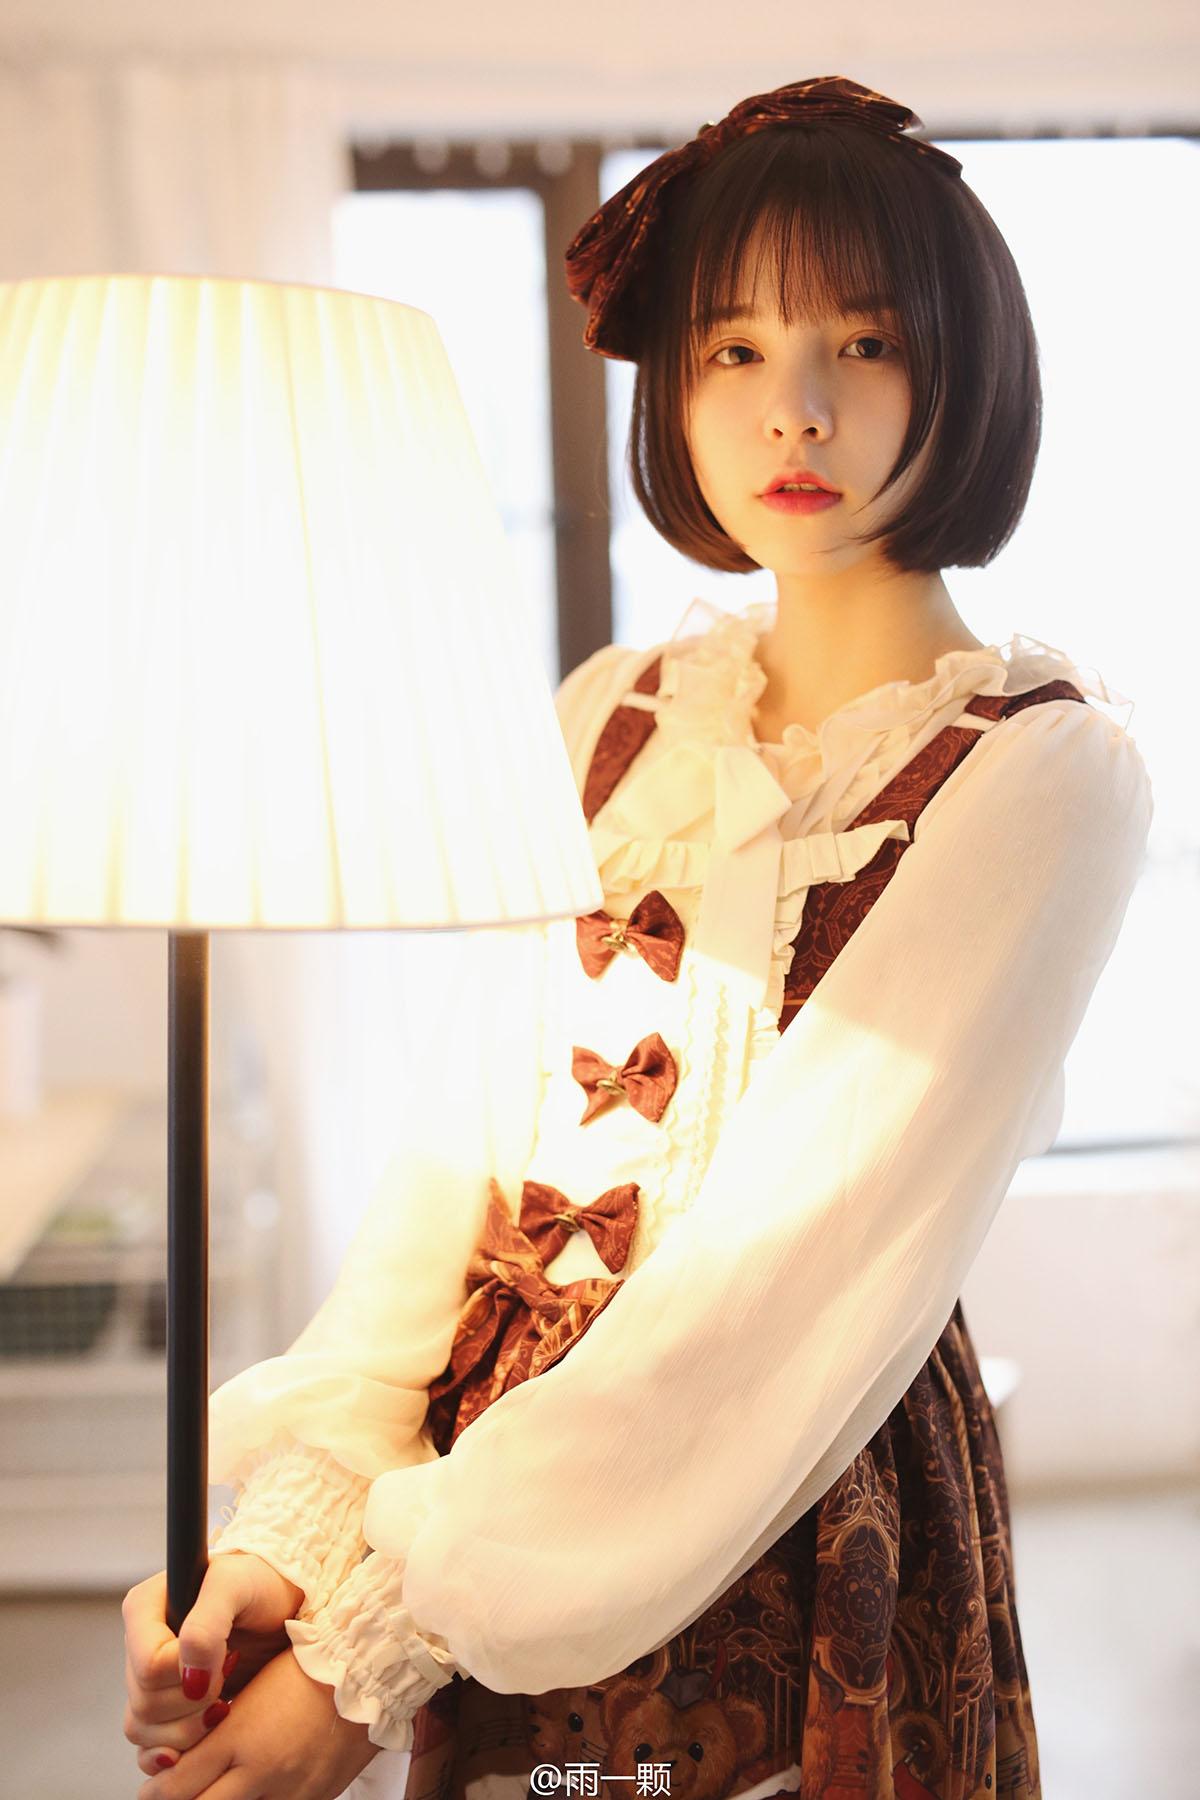 [套圖]可愛的白絲蘿莉美少女萌妹